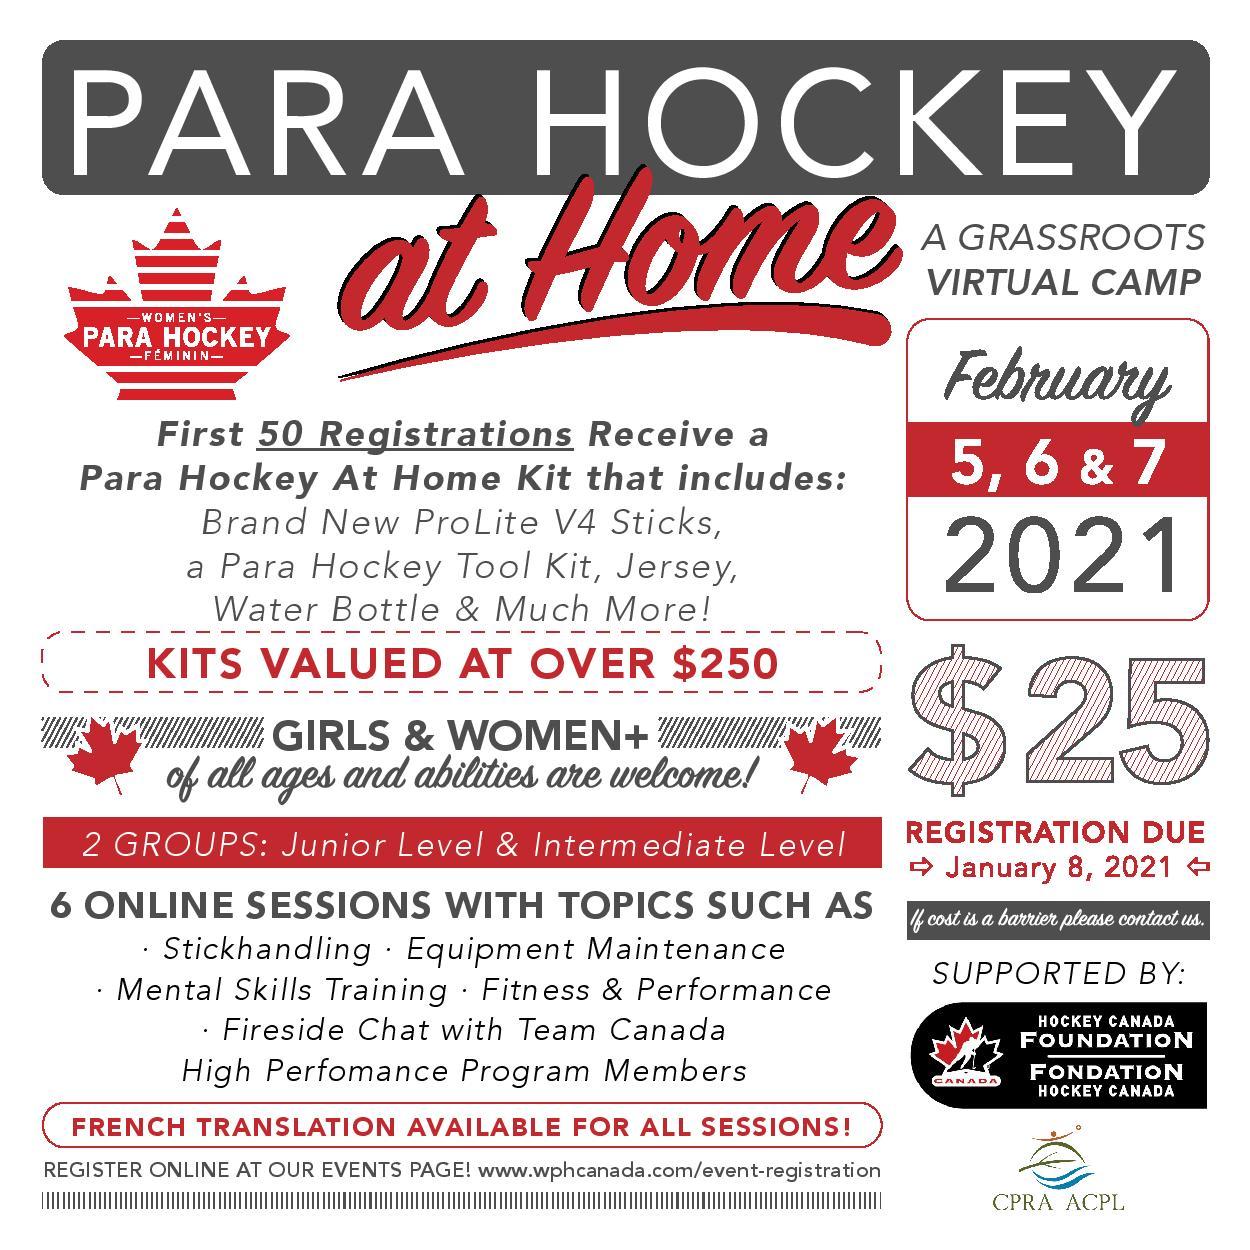 MAIN-POSTER-ParaHockeyatHome-EN-page-001